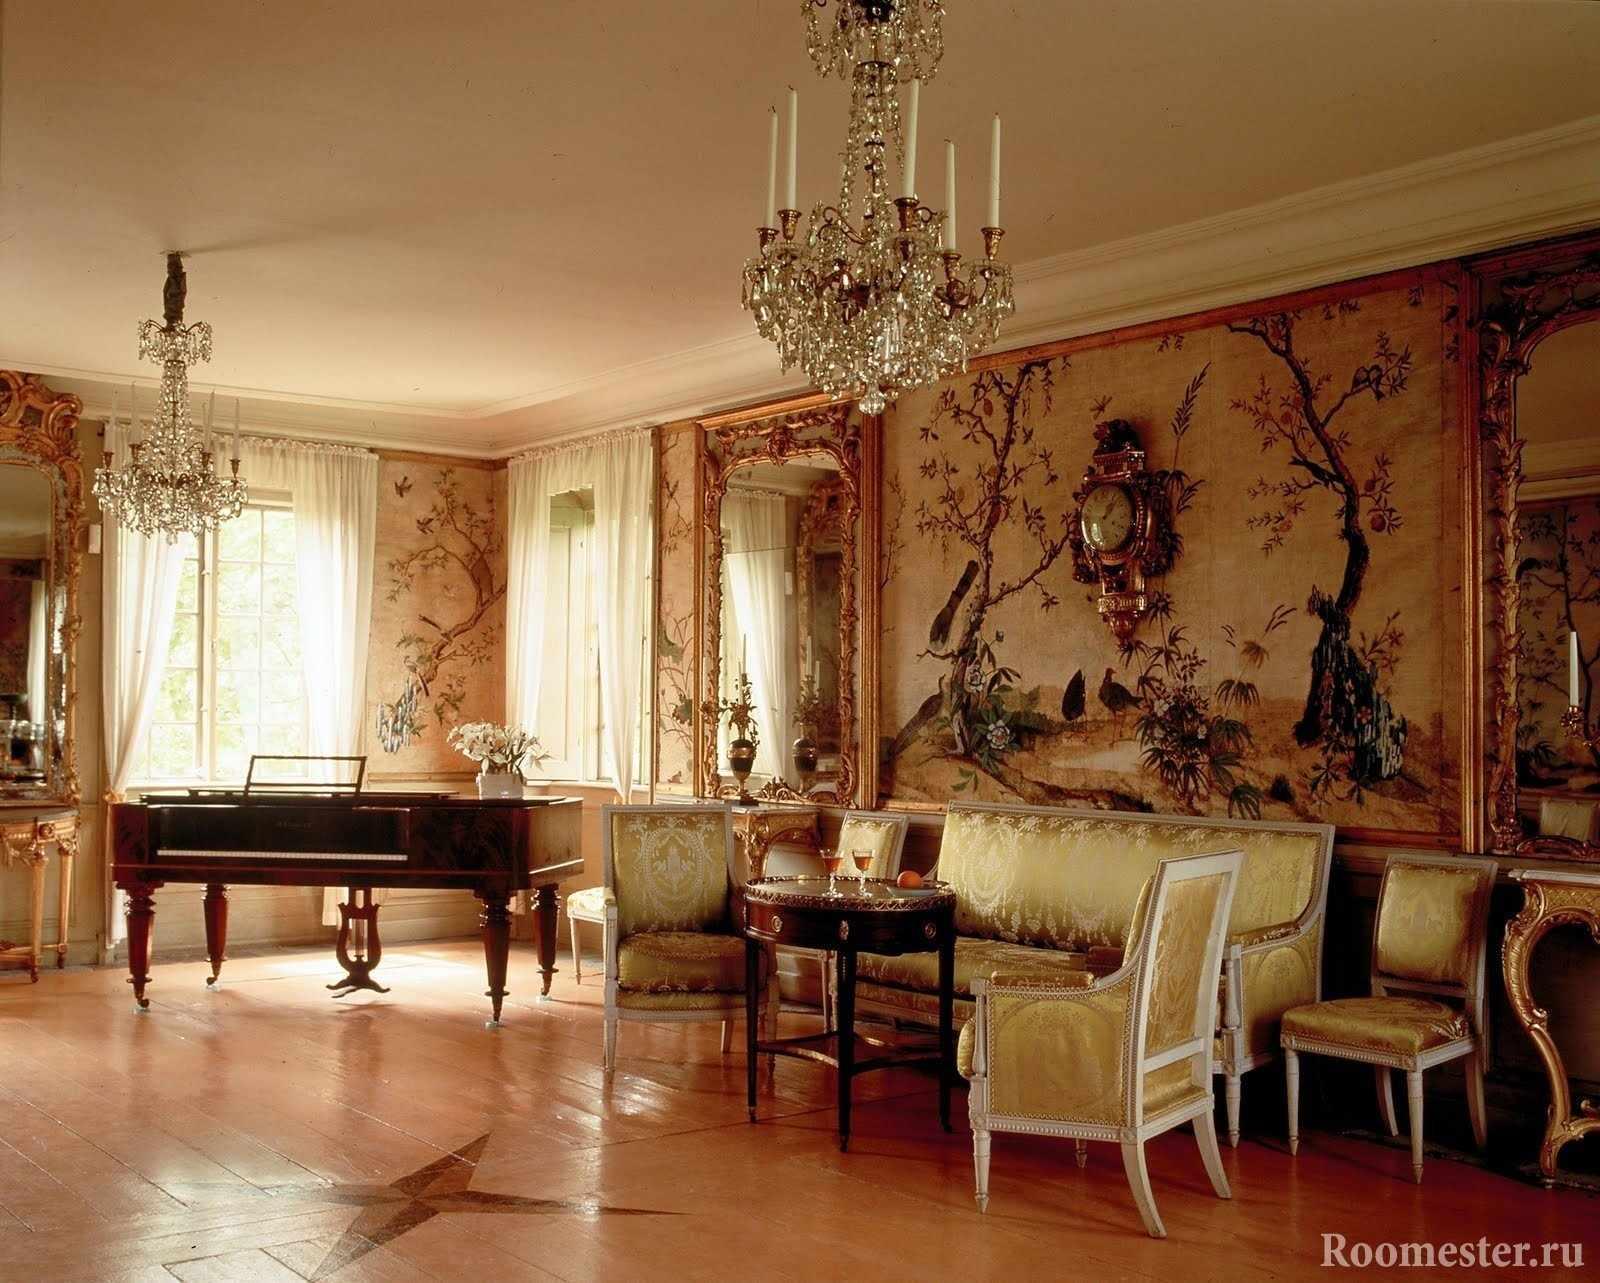 Пианино в зале у окна